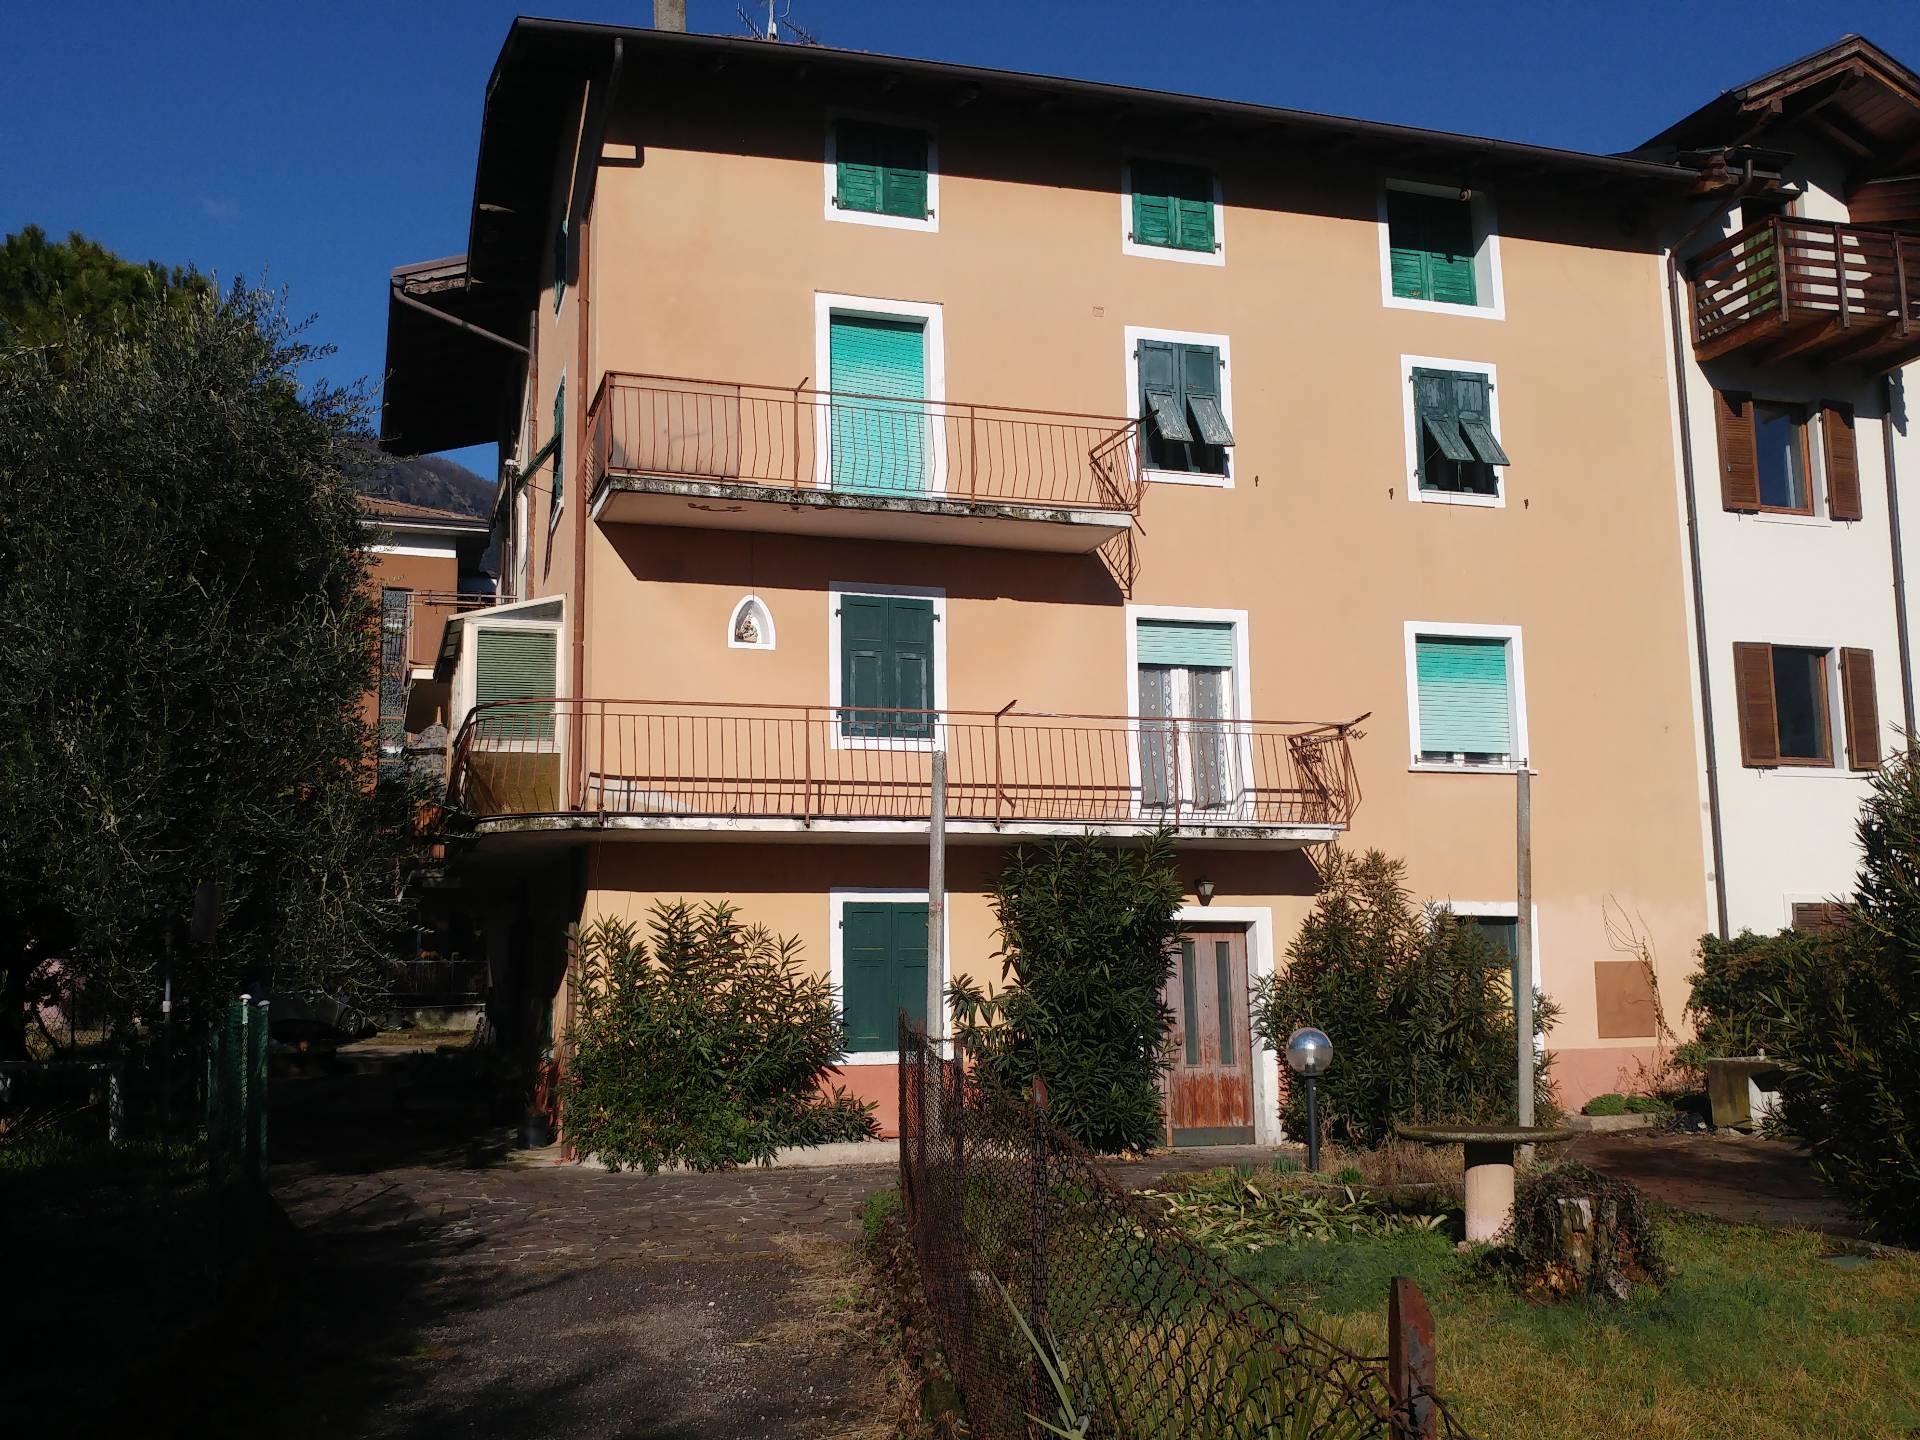 Soluzione Indipendente in vendita a Riva del Garda, 6 locali, zona Zona: Riva, prezzo € 374.000 | CambioCasa.it